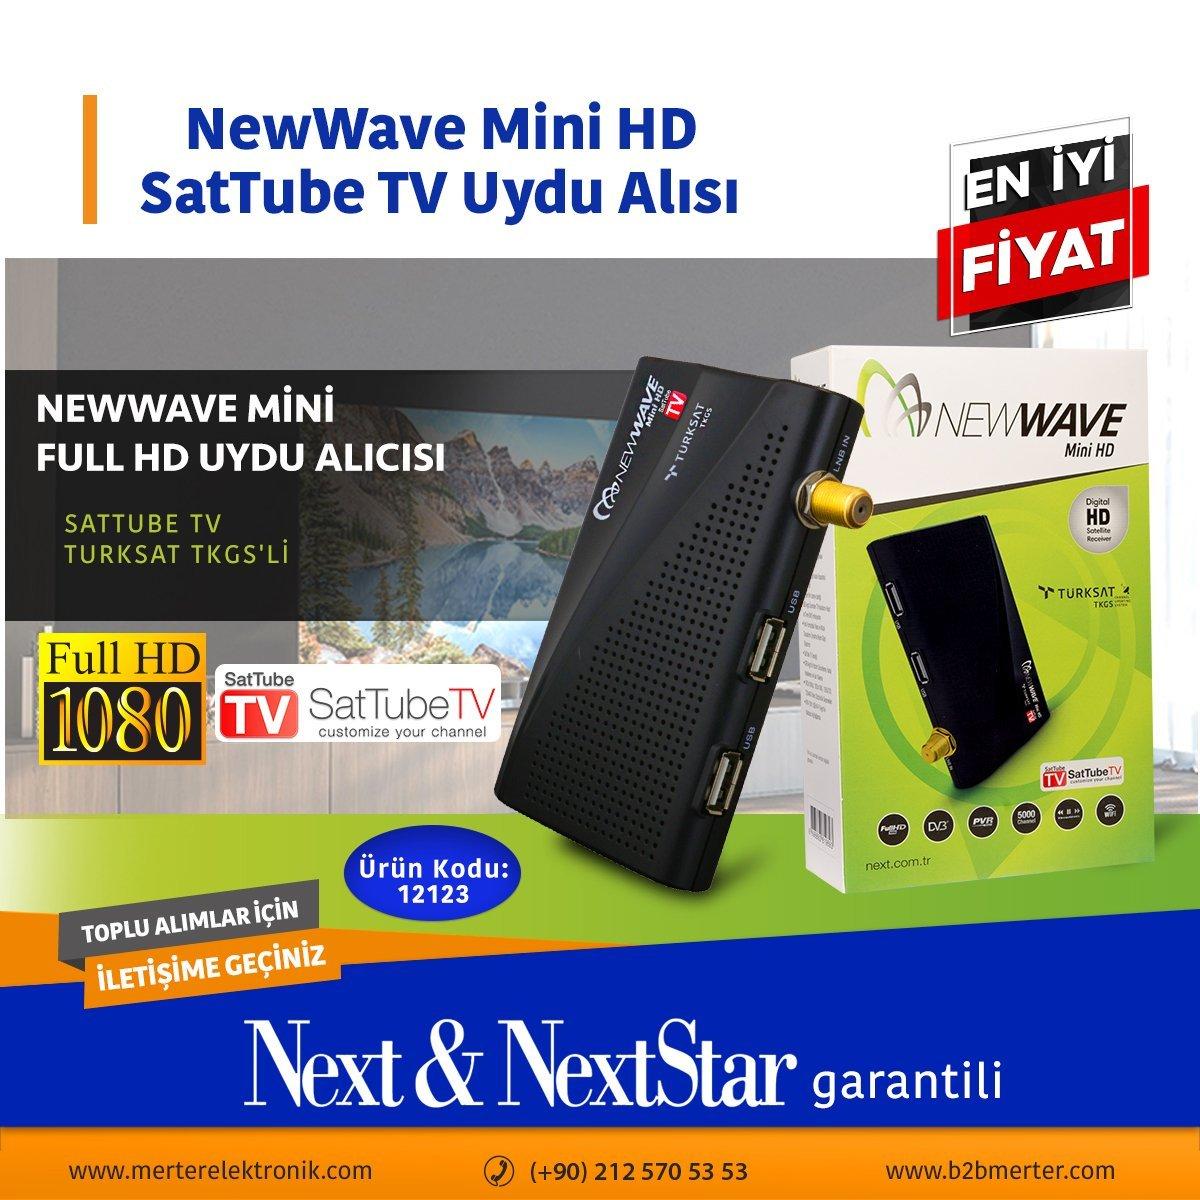 NewWave Mini HD SatTube TV Uydu ALıcısı